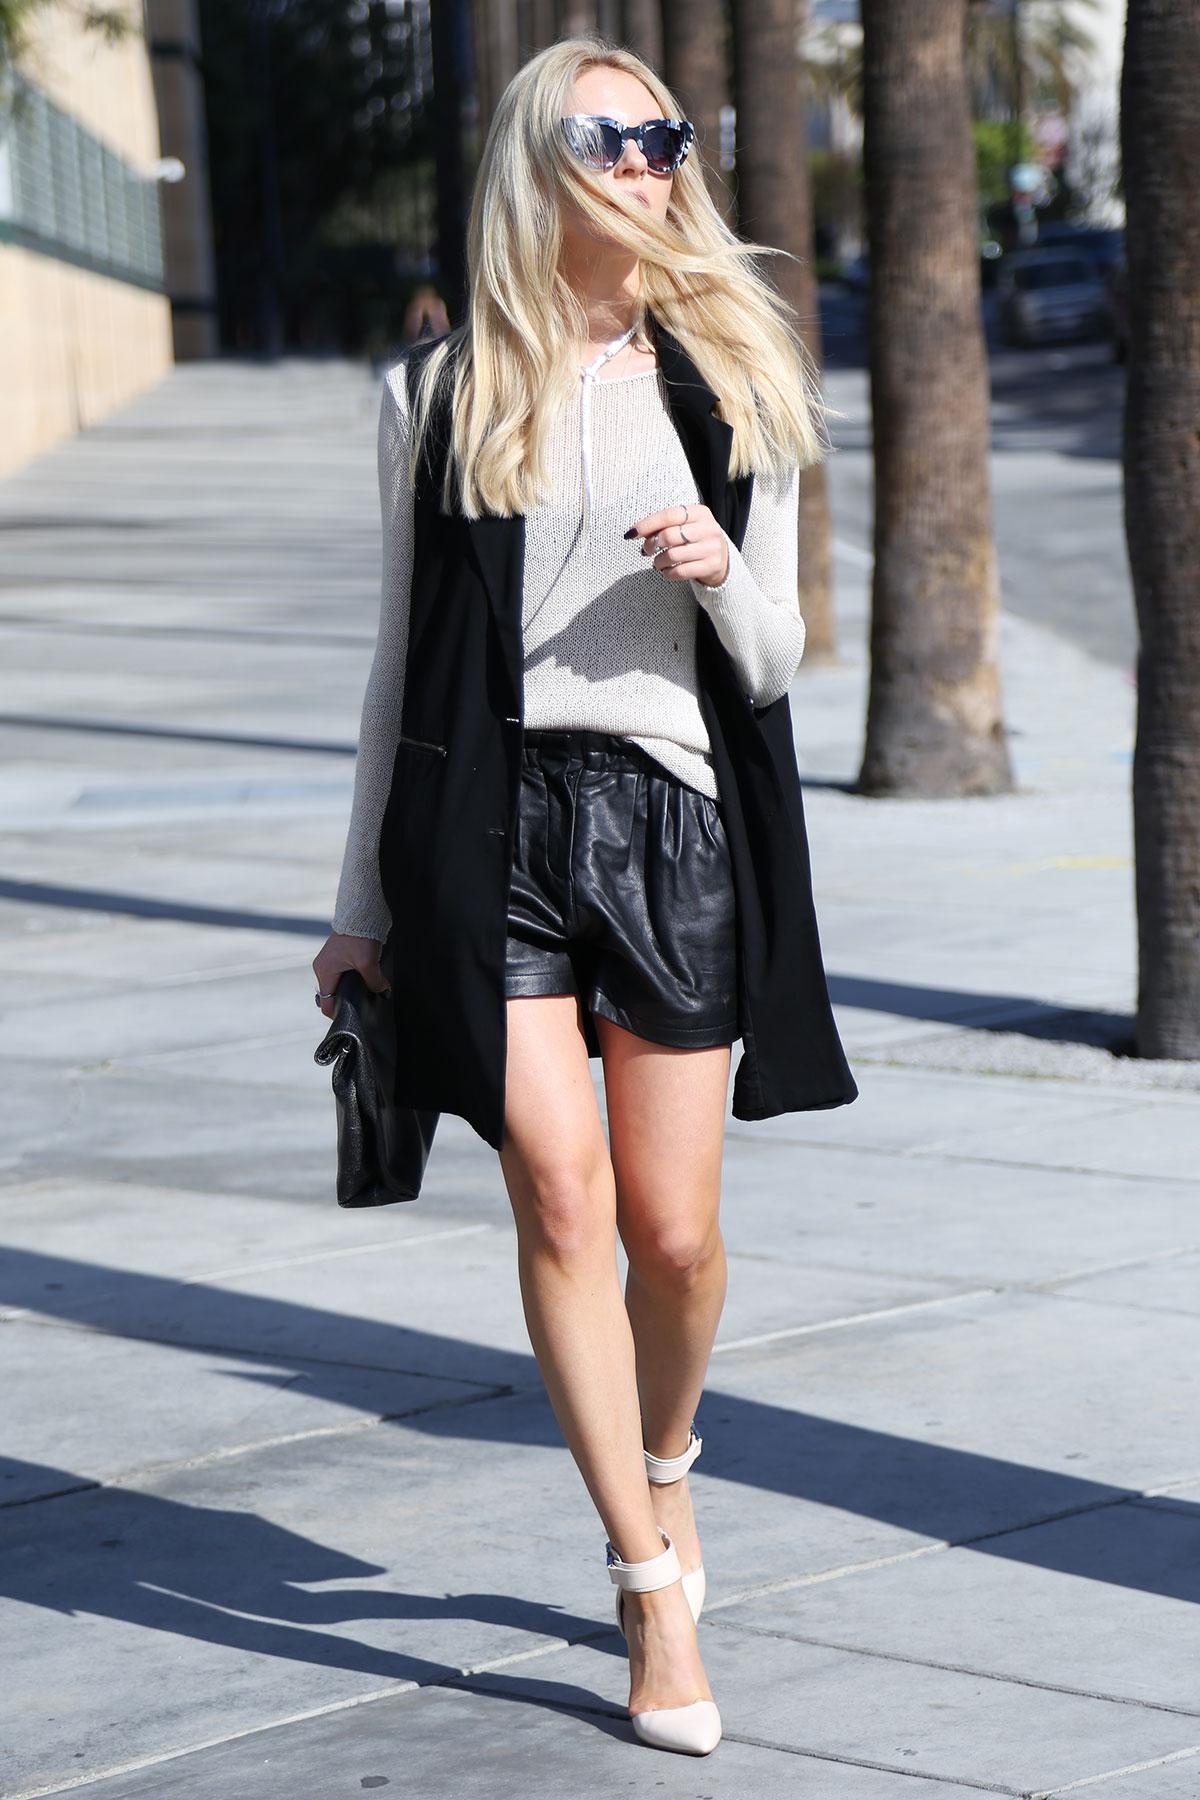 ASOS9web Modne blogerke: Najbolji modni stil nedelje